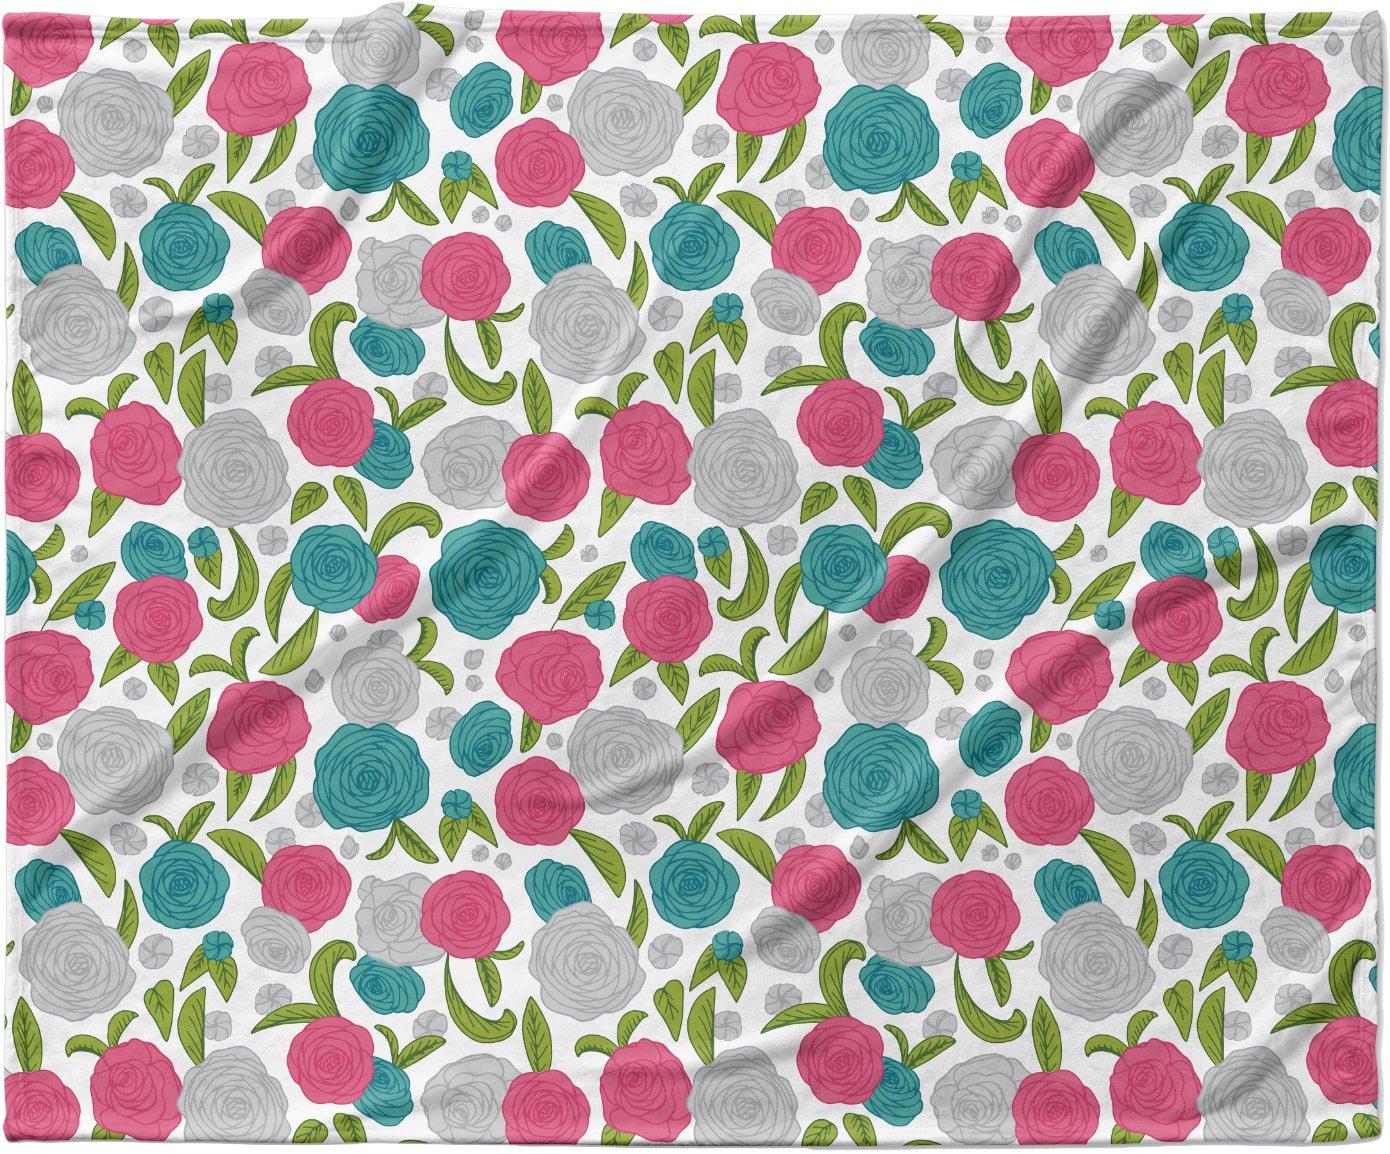 KESS InHouse Emma Frances 'Vintage Brights' Teal Pink Fleece Baby Blanket, 40' x 30'